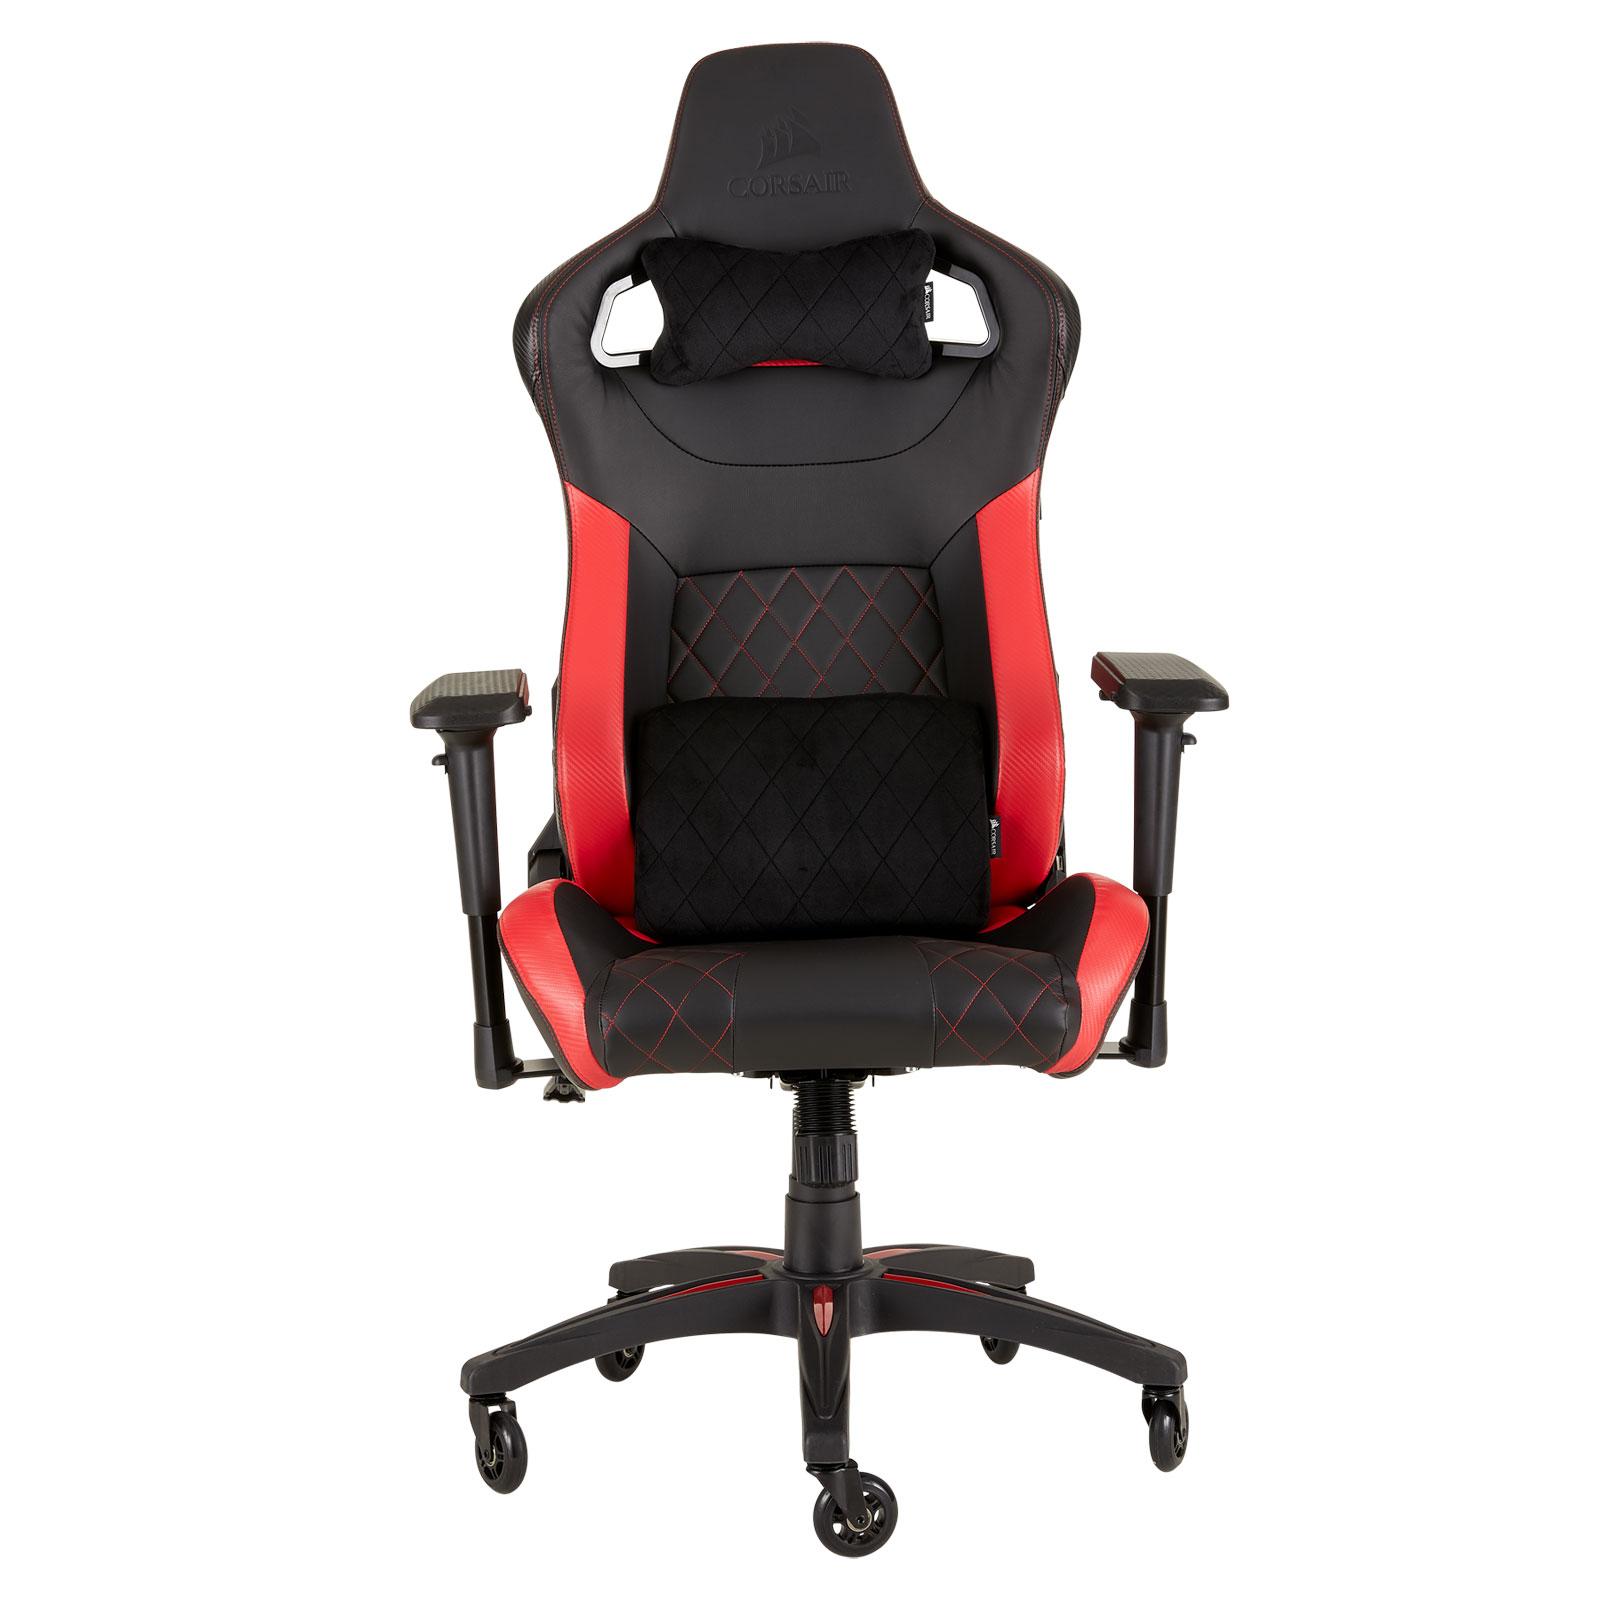 Fauteuil gamer Corsair T1 Race V2 (noir/rouge) Siège gaming - revêtement en similicuir - assise moulée ferme - accoudoirs 4D - dossier inclinable à 180° - siège inclinable à 10° - poids limité à 120 kg